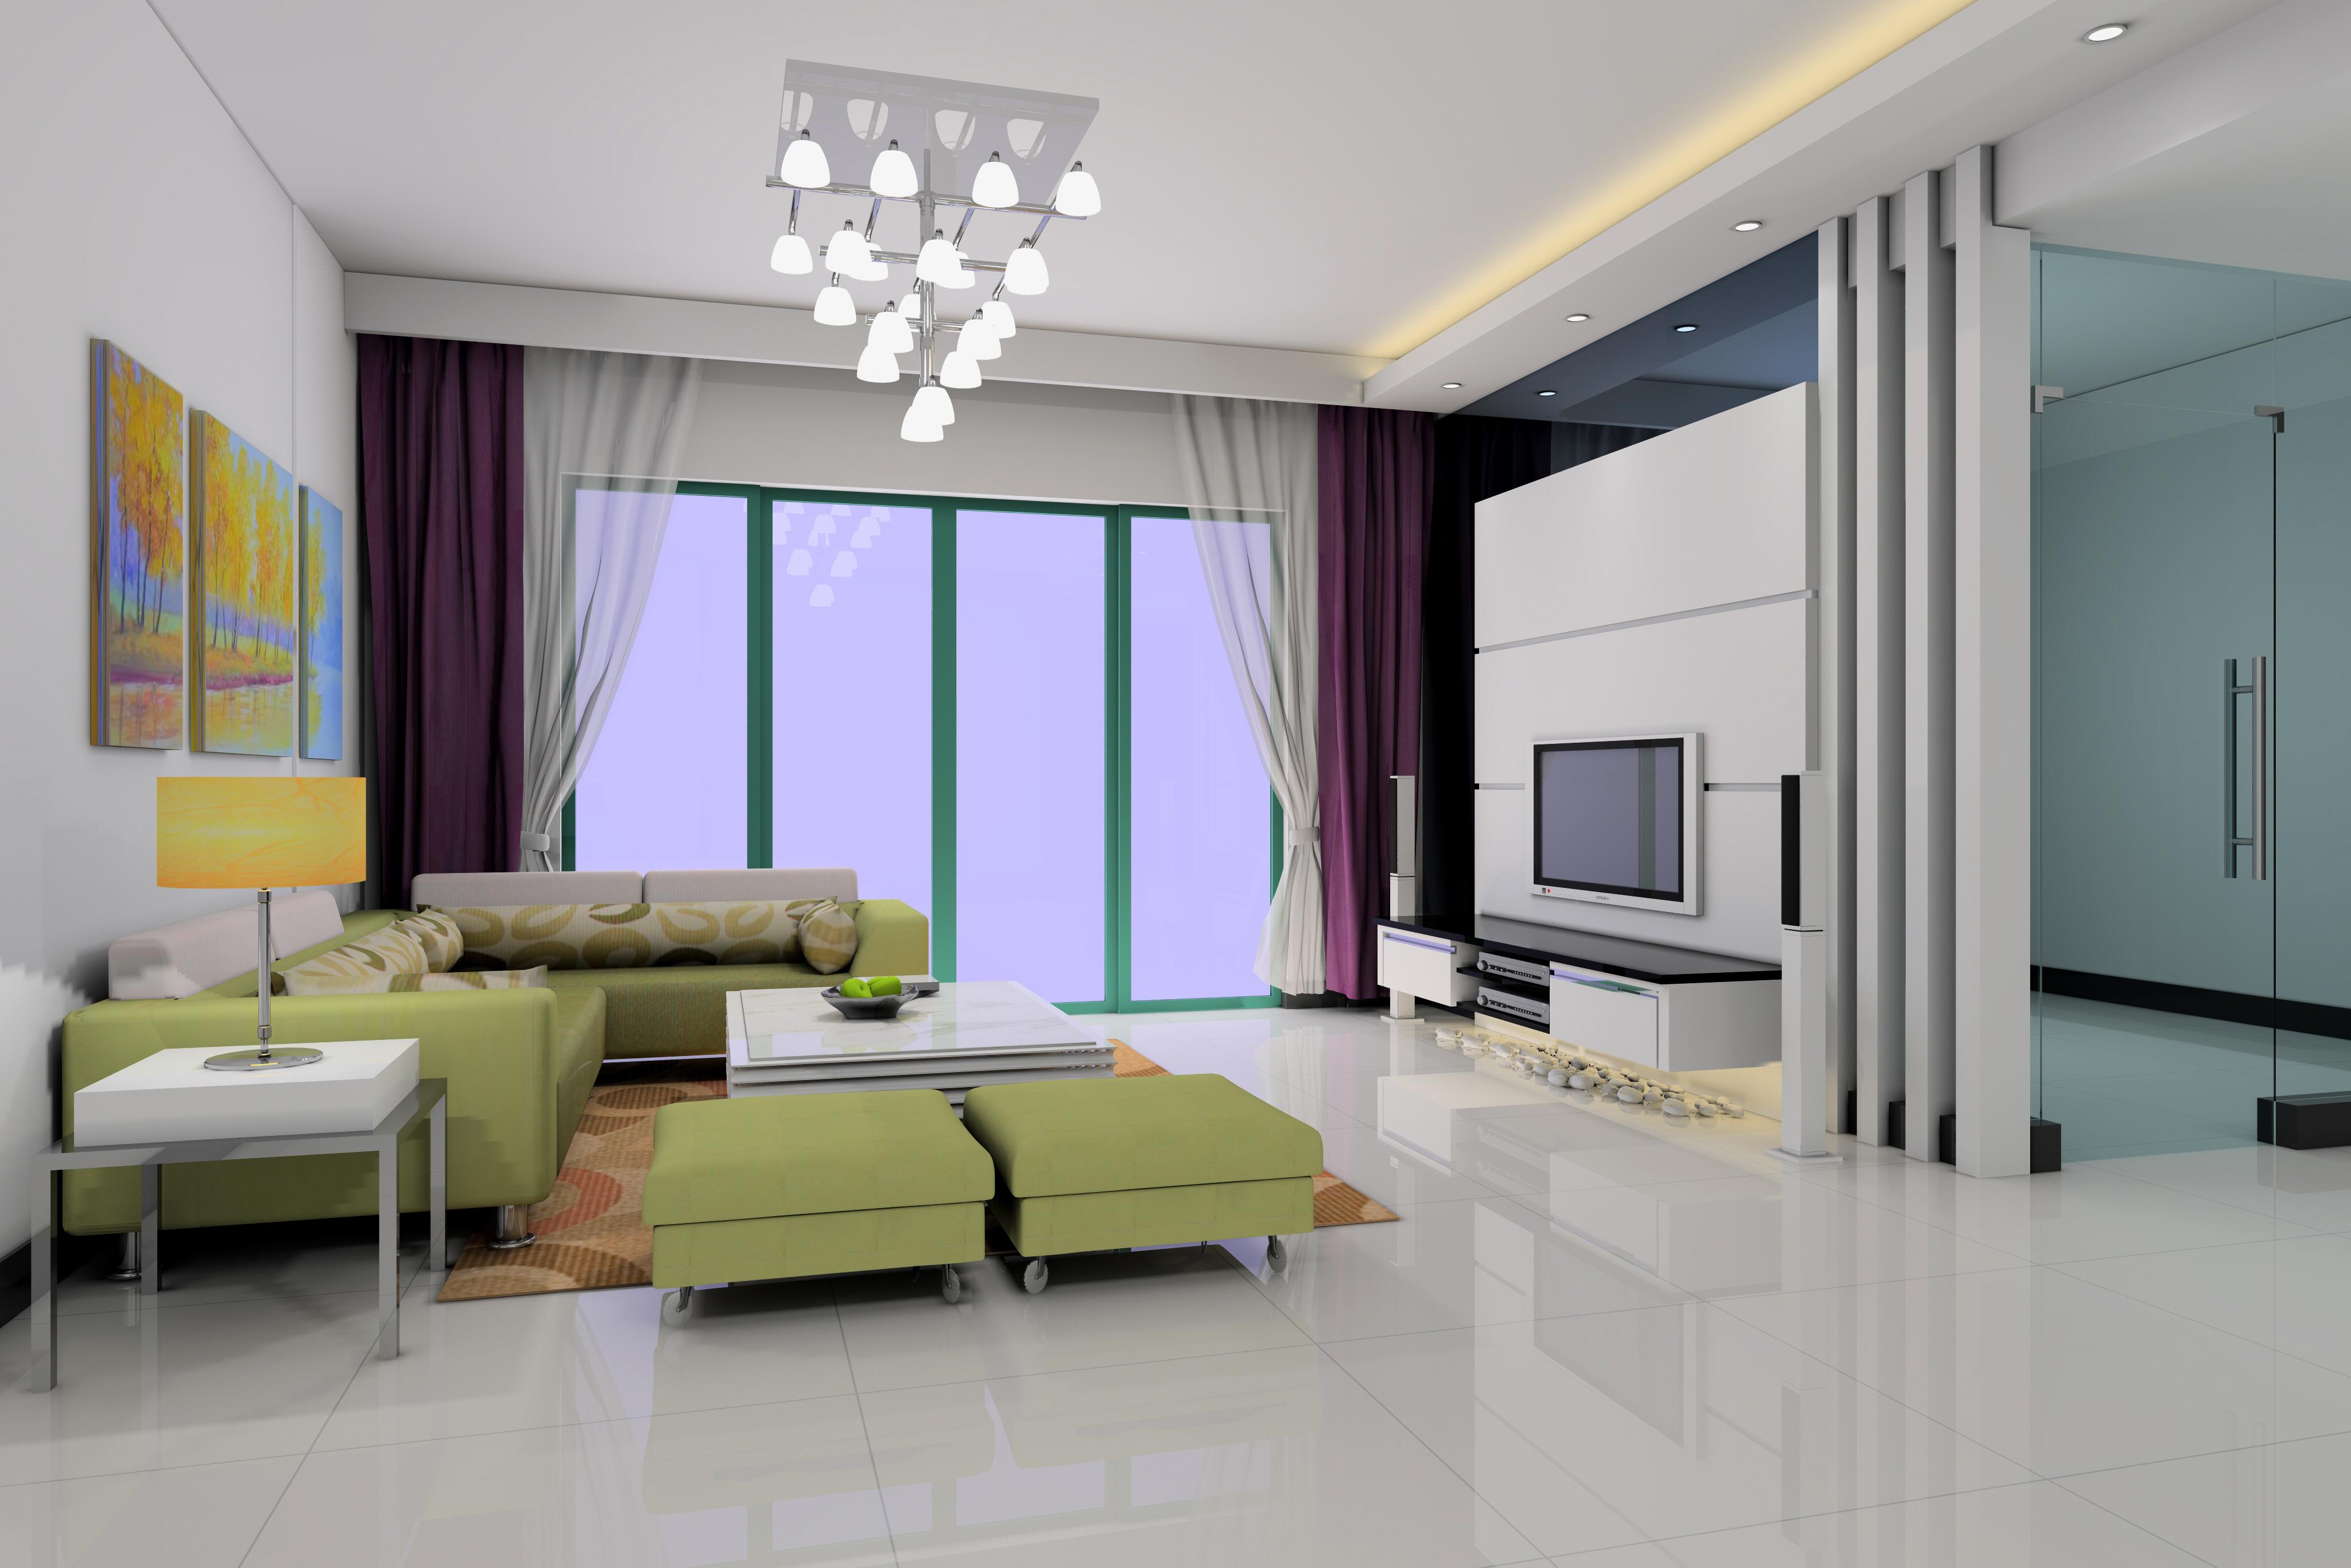 宾馆套间平面图套间设计平面图150平米套间装修房屋套间设计平面图 其